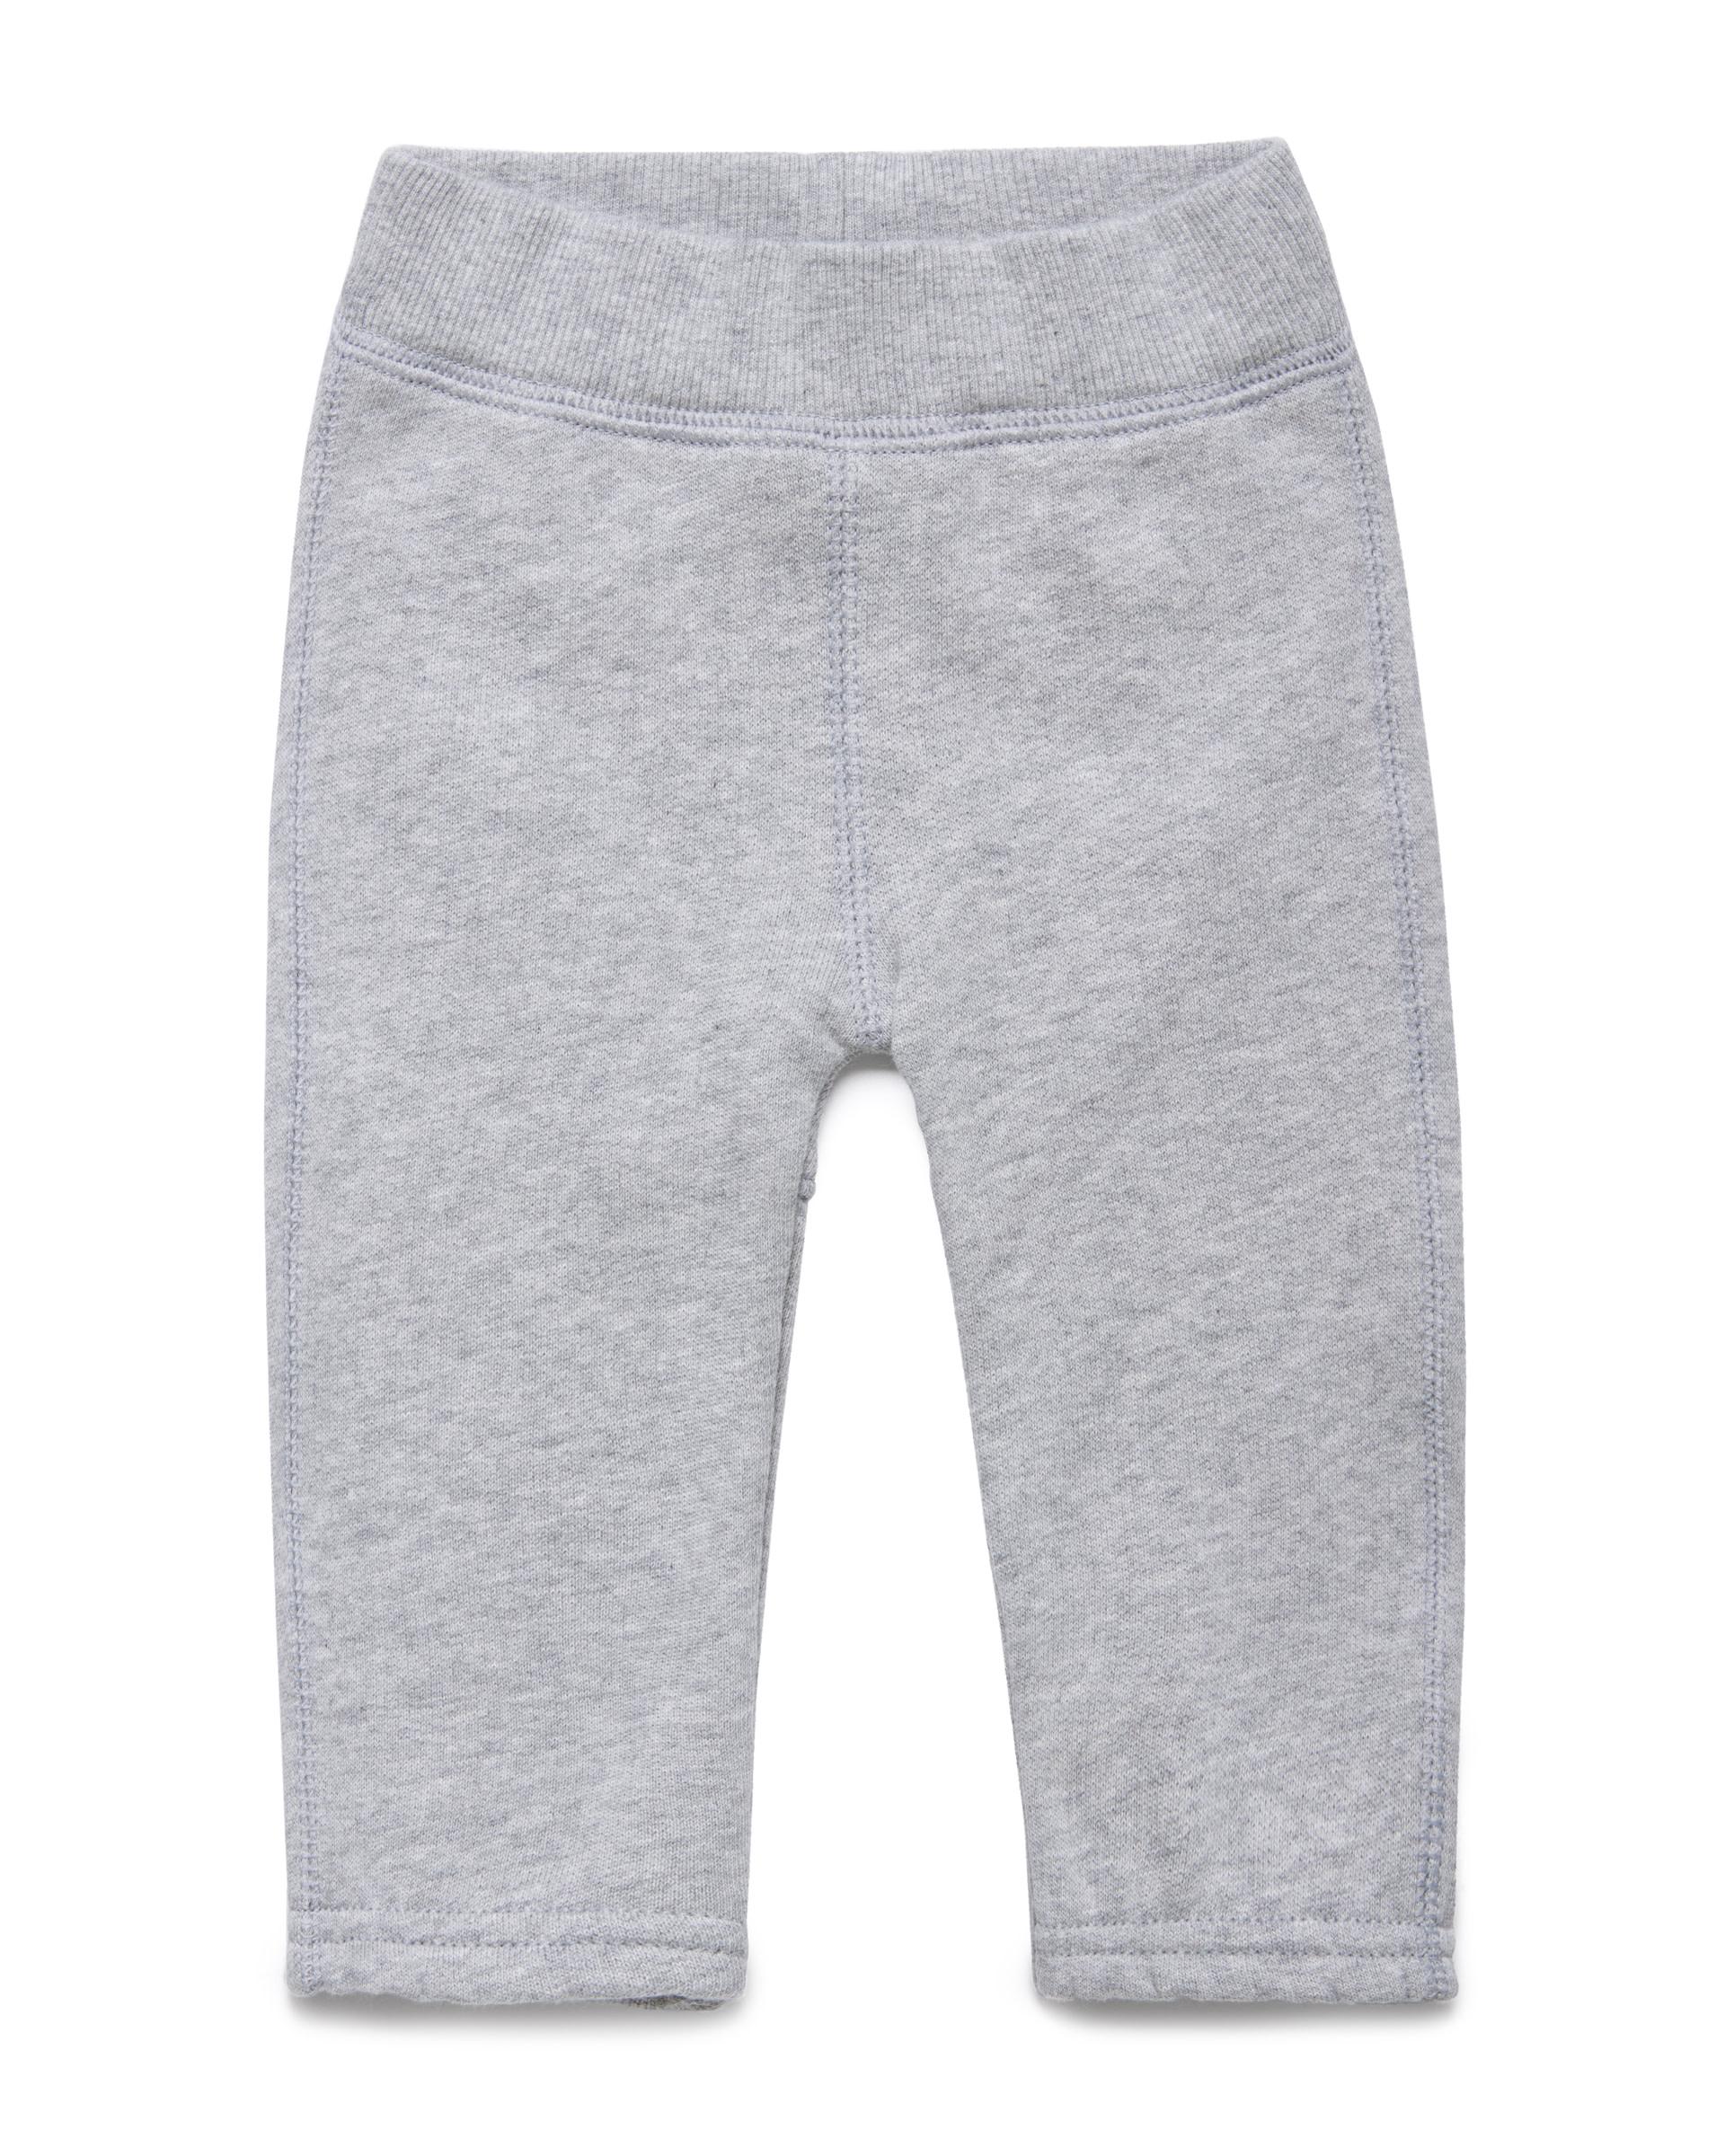 Купить 20P_3J70MF238_501, Спортивные брюки для девочек Benetton 3J70MF238_501 р-р 82, United Colors of Benetton, Детские брюки и шорты